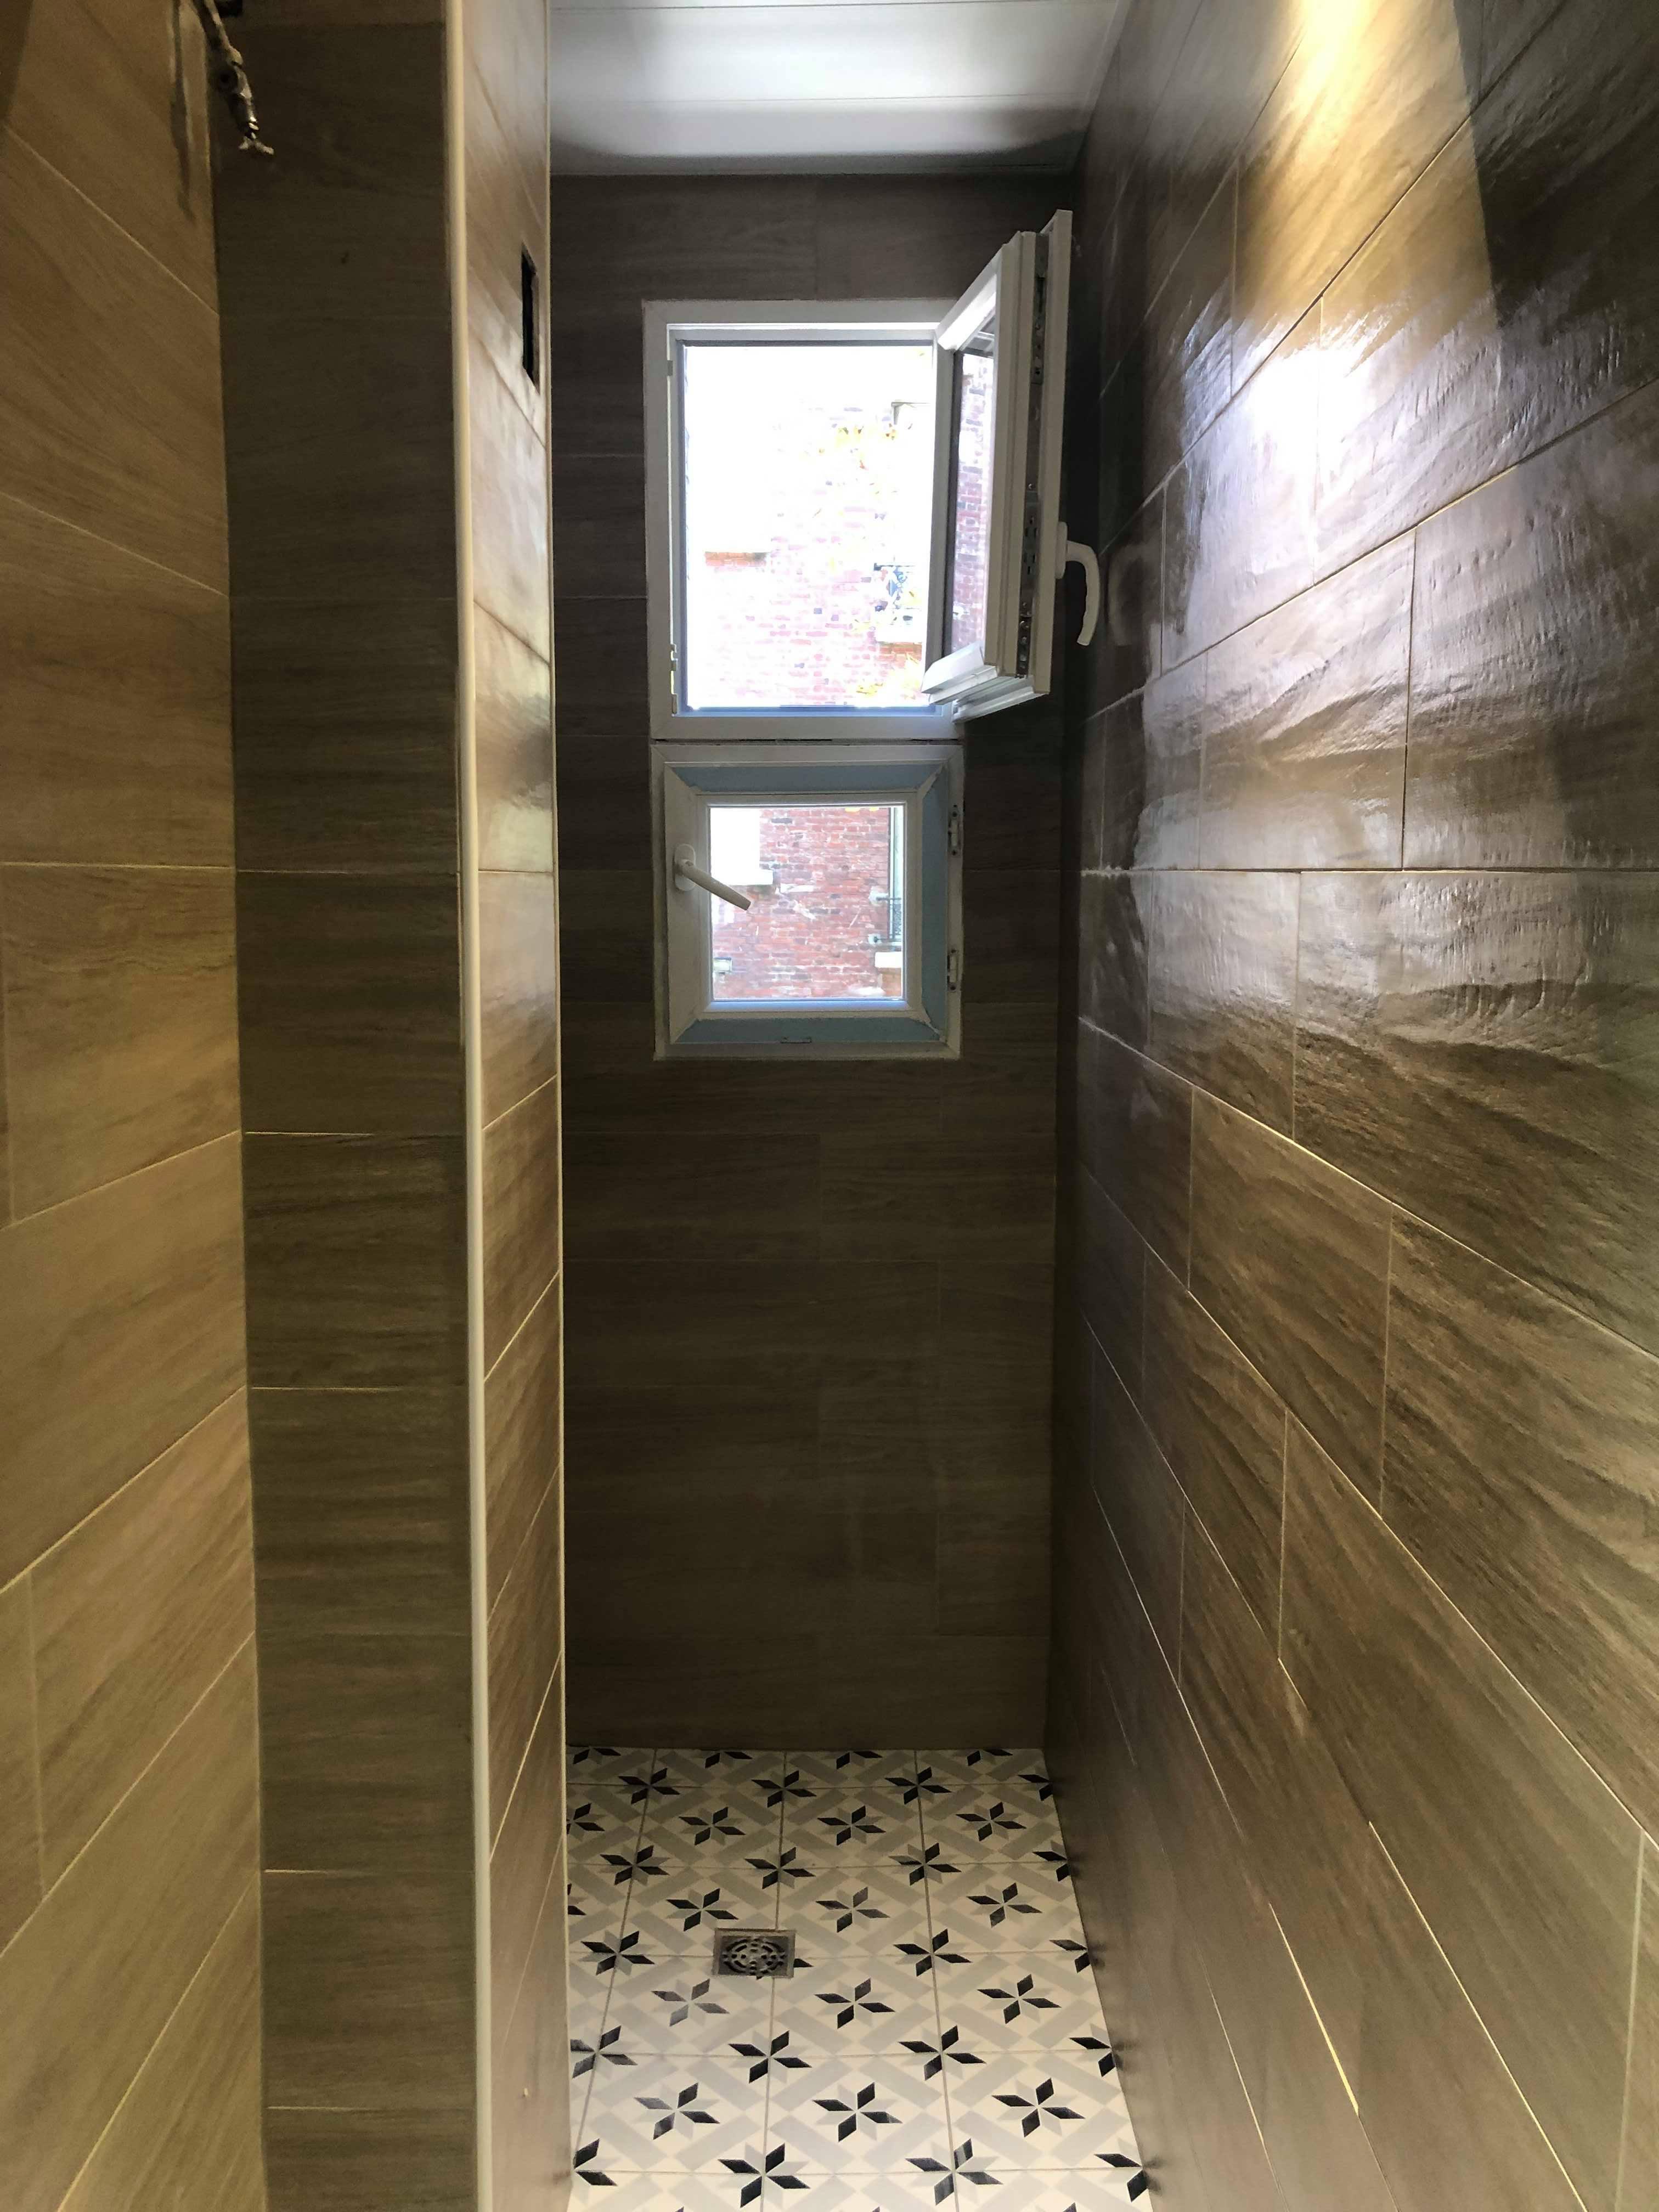 entreprise-generale-texas-batiment-mohamed-soliman-rge-travaux-renovation-salle-de-bain-carrelage-plomberie-douche-a-l-italienne-espace-moderne-sobre-11